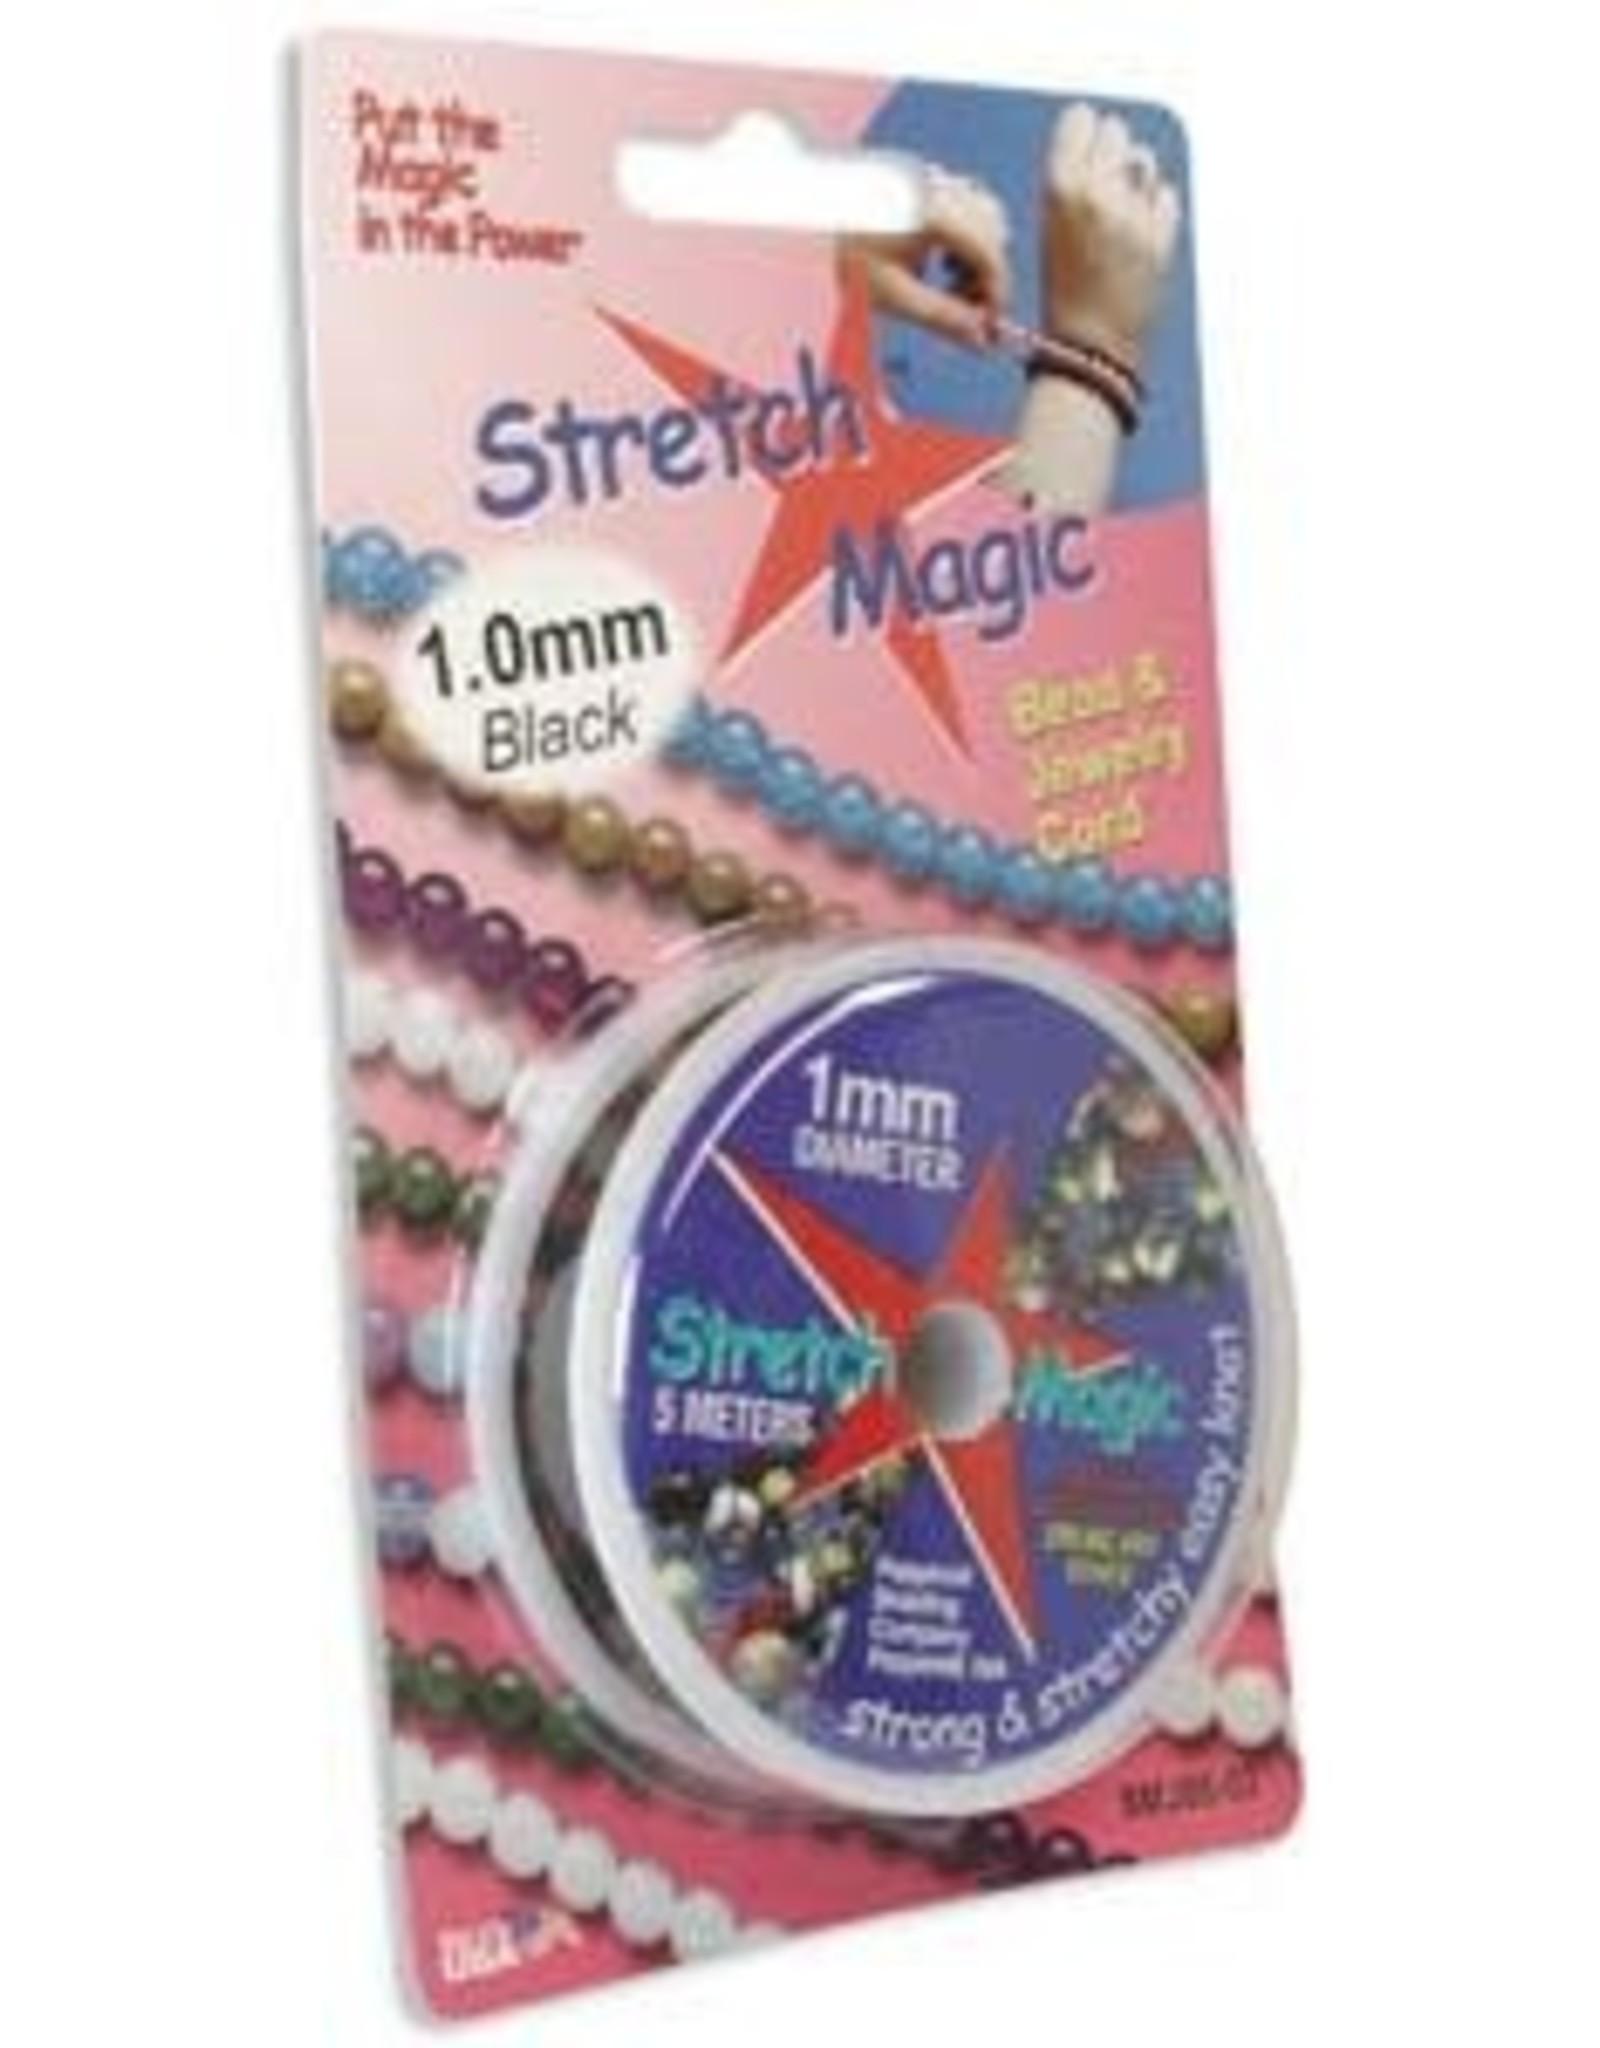 1mm Black Stretch Magic 5m  pkg